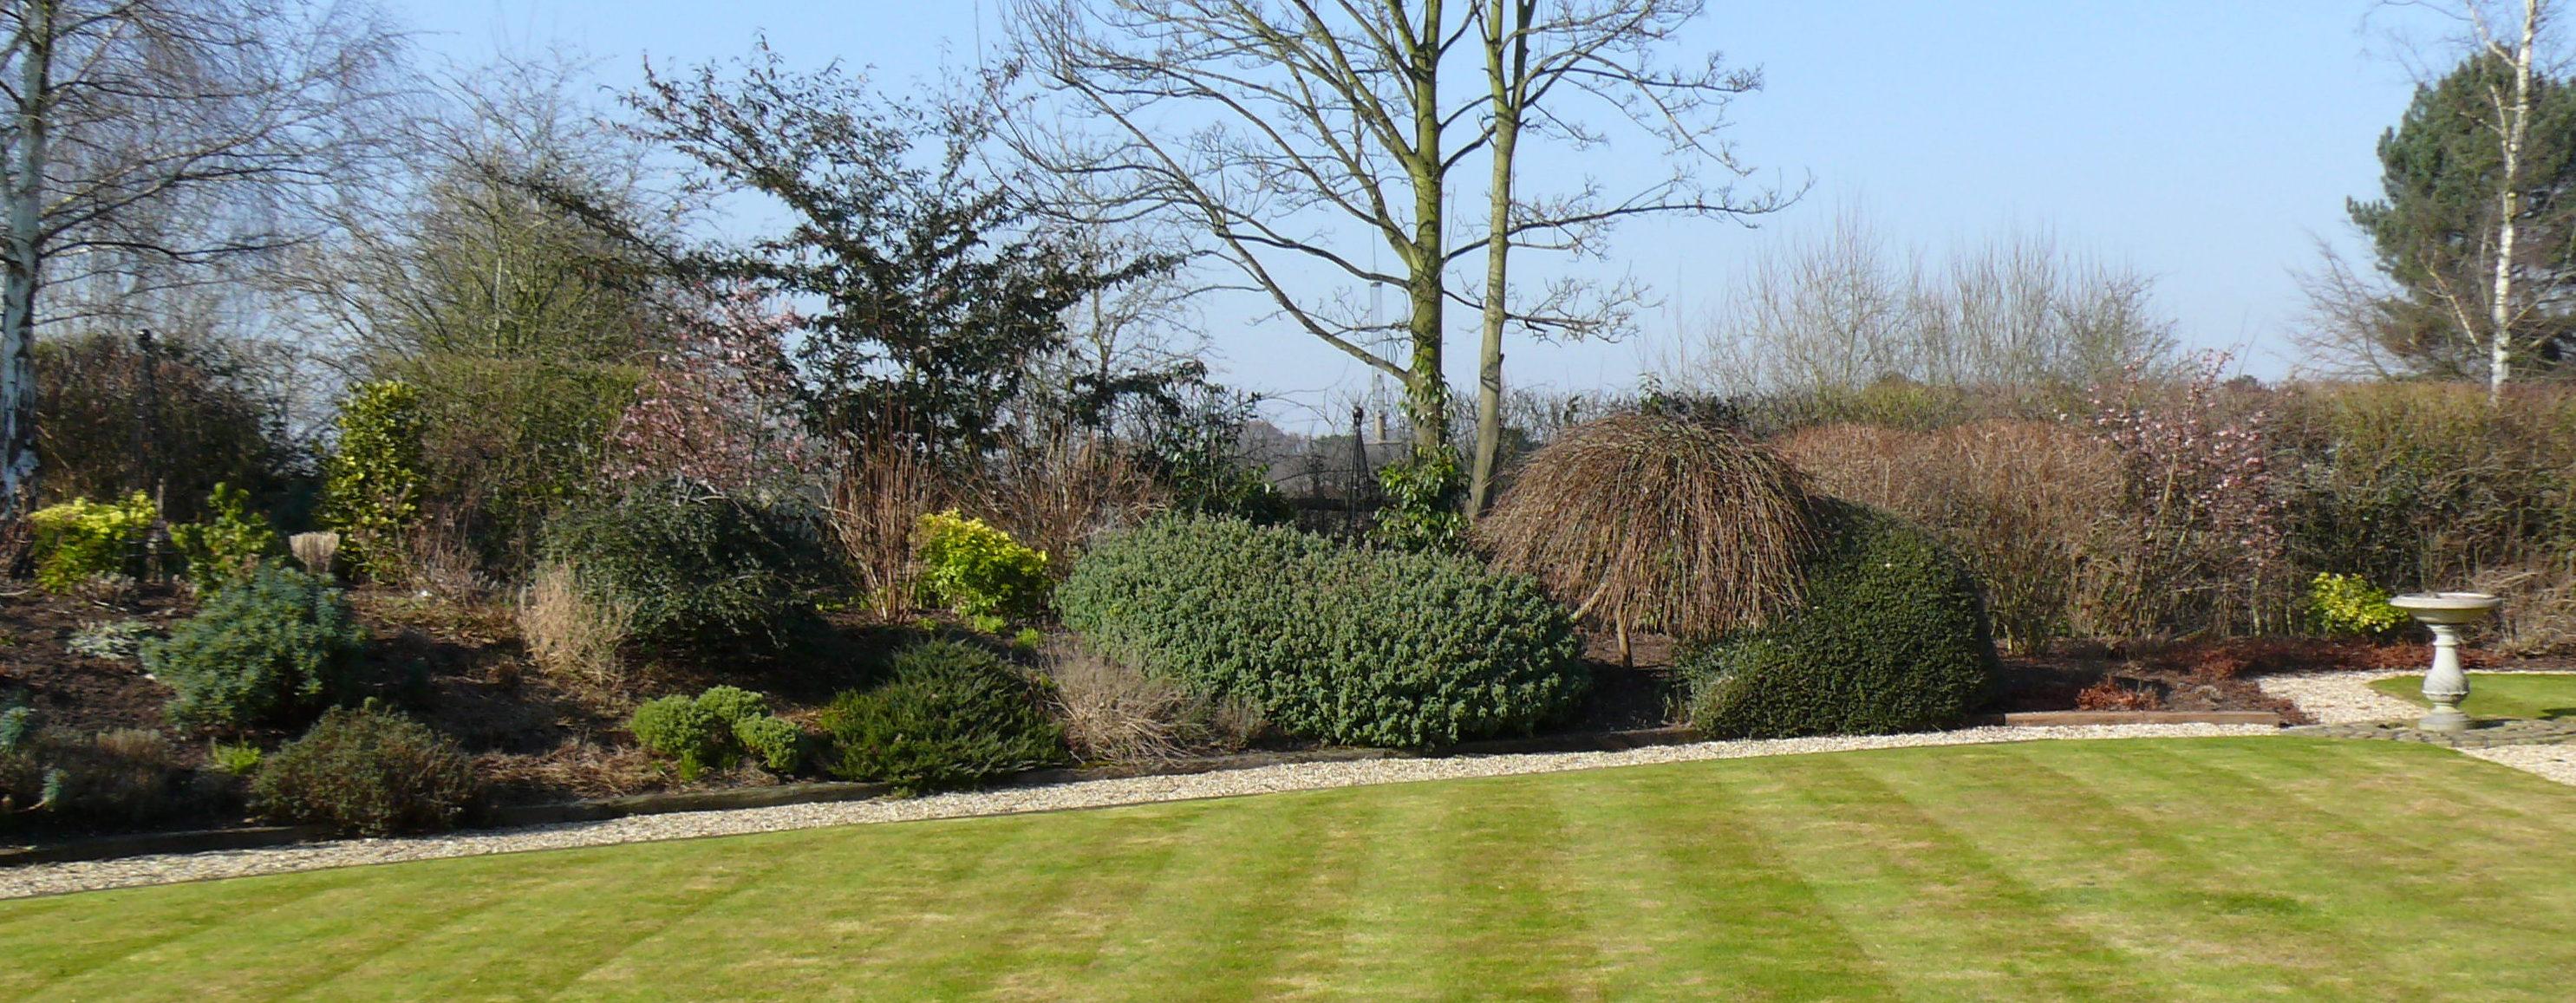 Additional Winter Garden Services